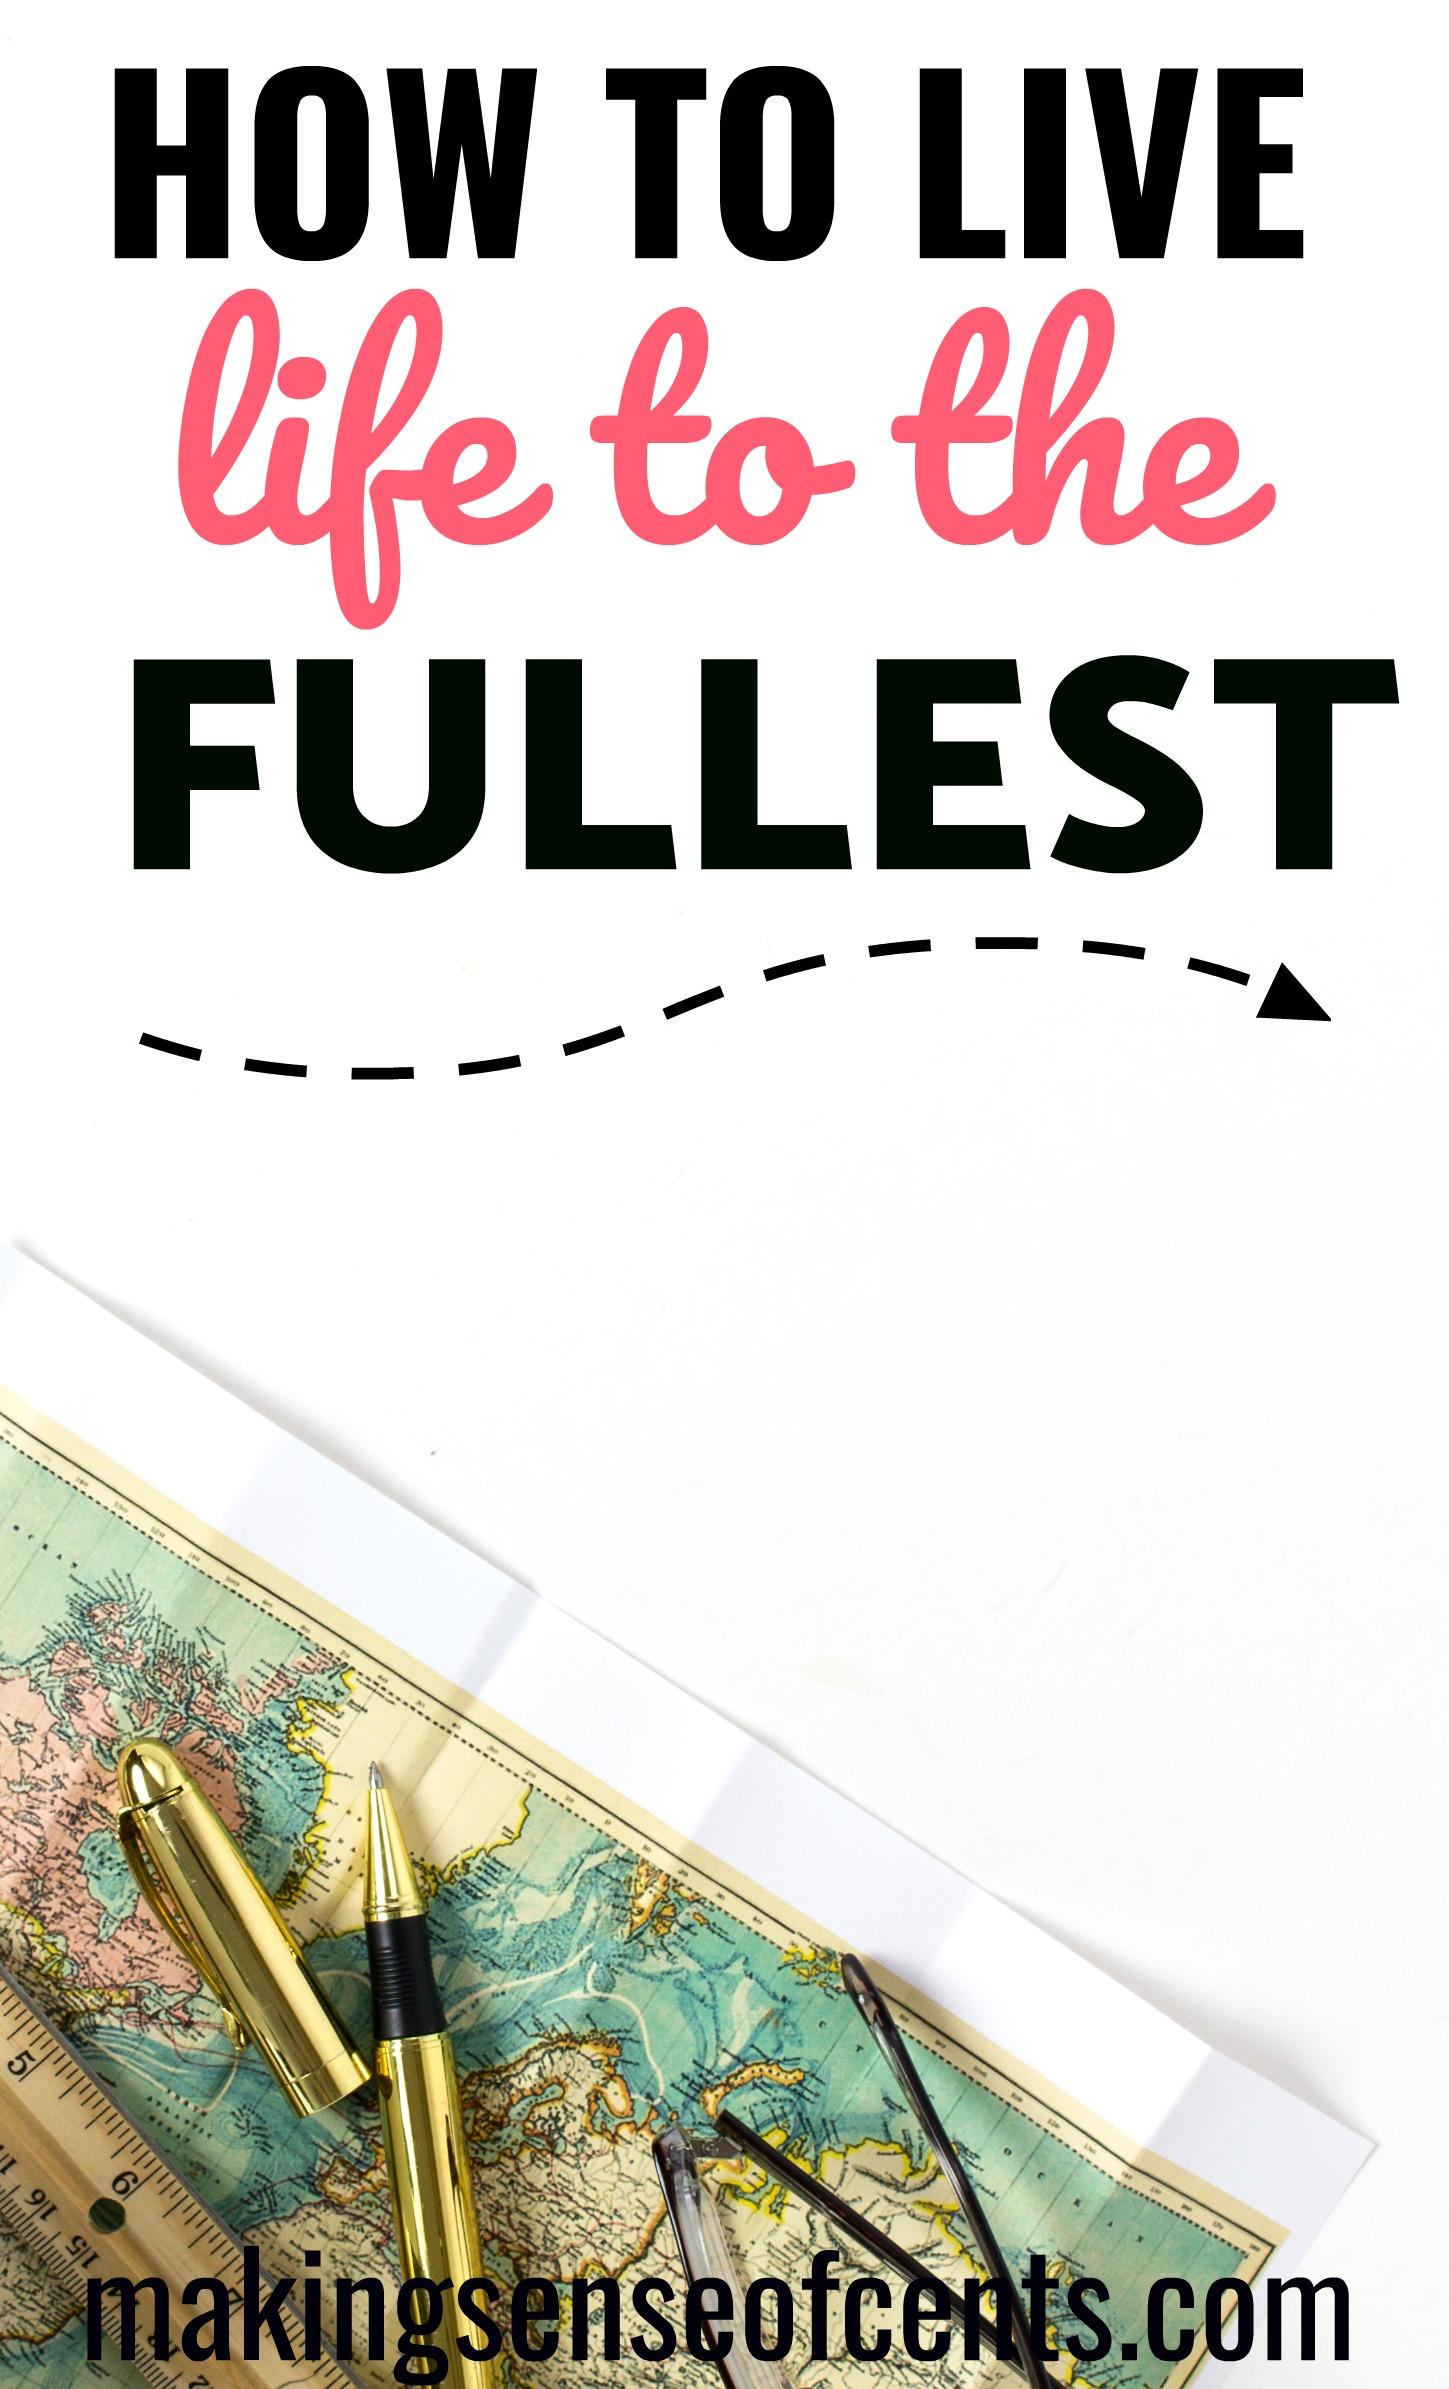 Vivir la vida al máximo es algo que todos deberían comenzar a hacer